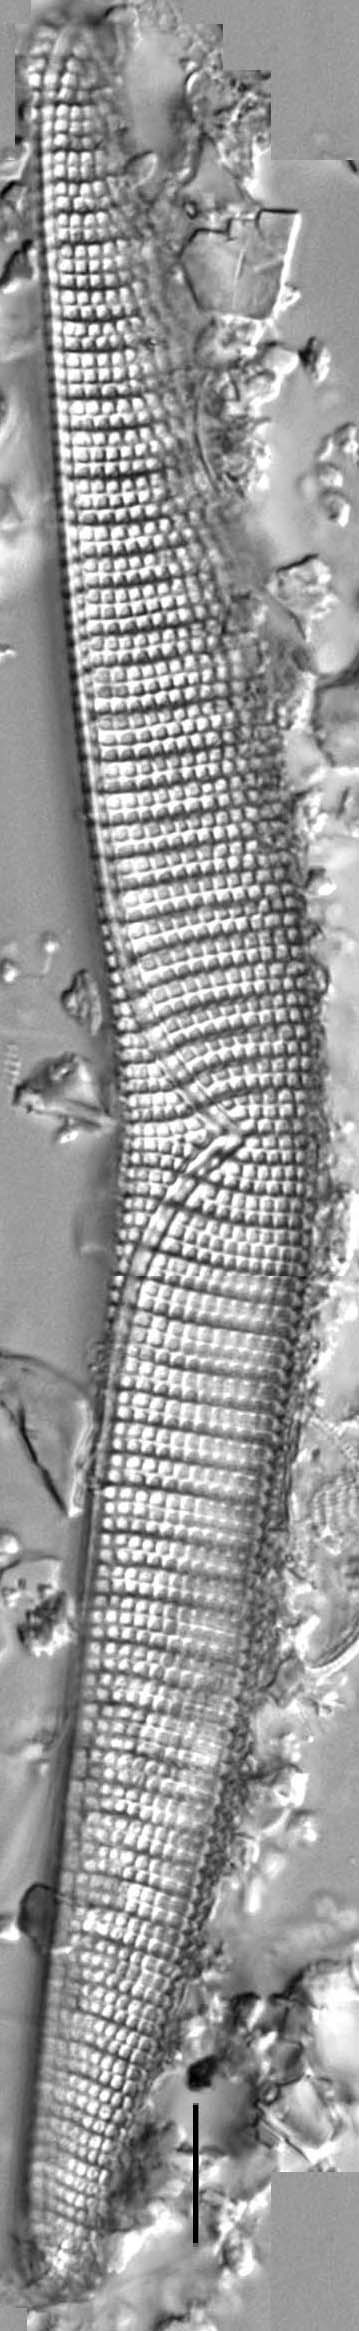 Epithemia turgida Iho41070 1Ed 1